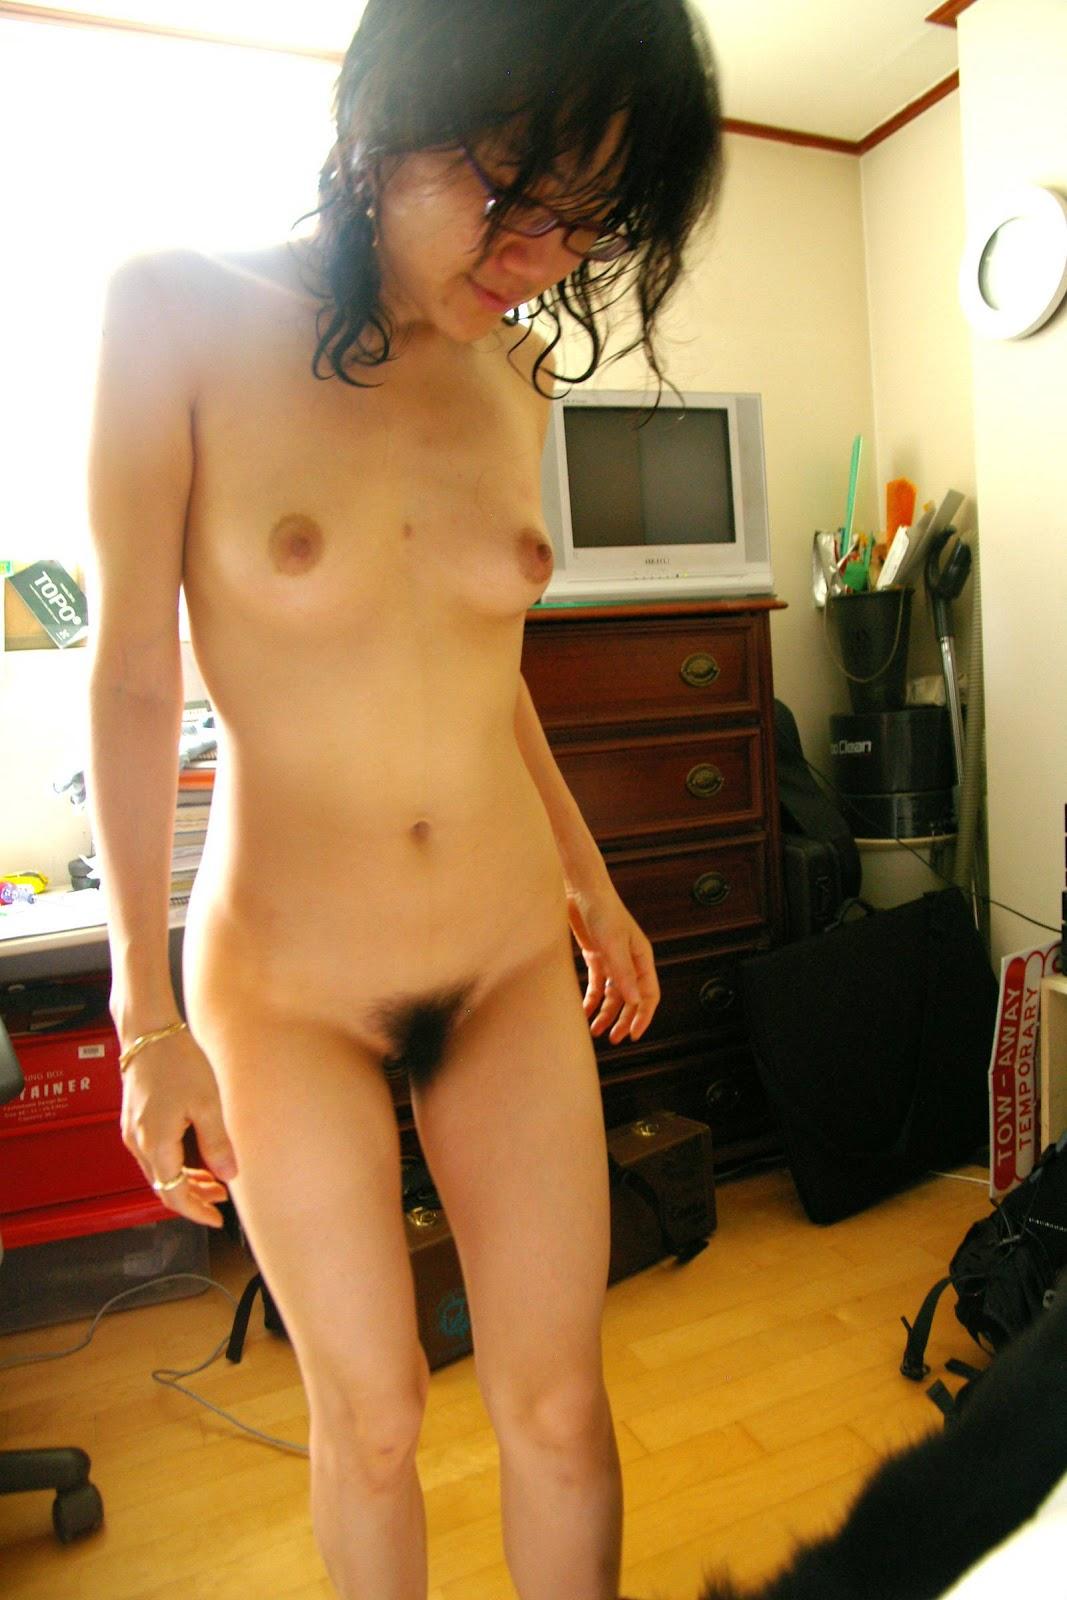 Naked Girls Moaning